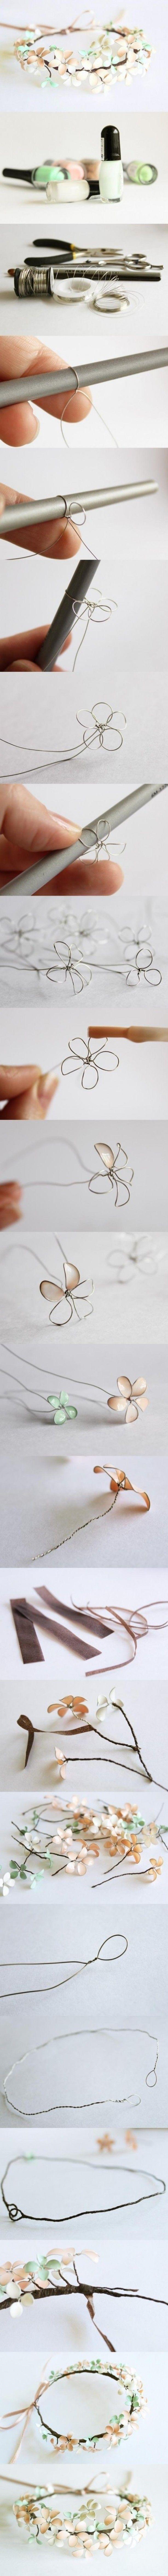 bloemenkrans van ijzerdraad en nagellak